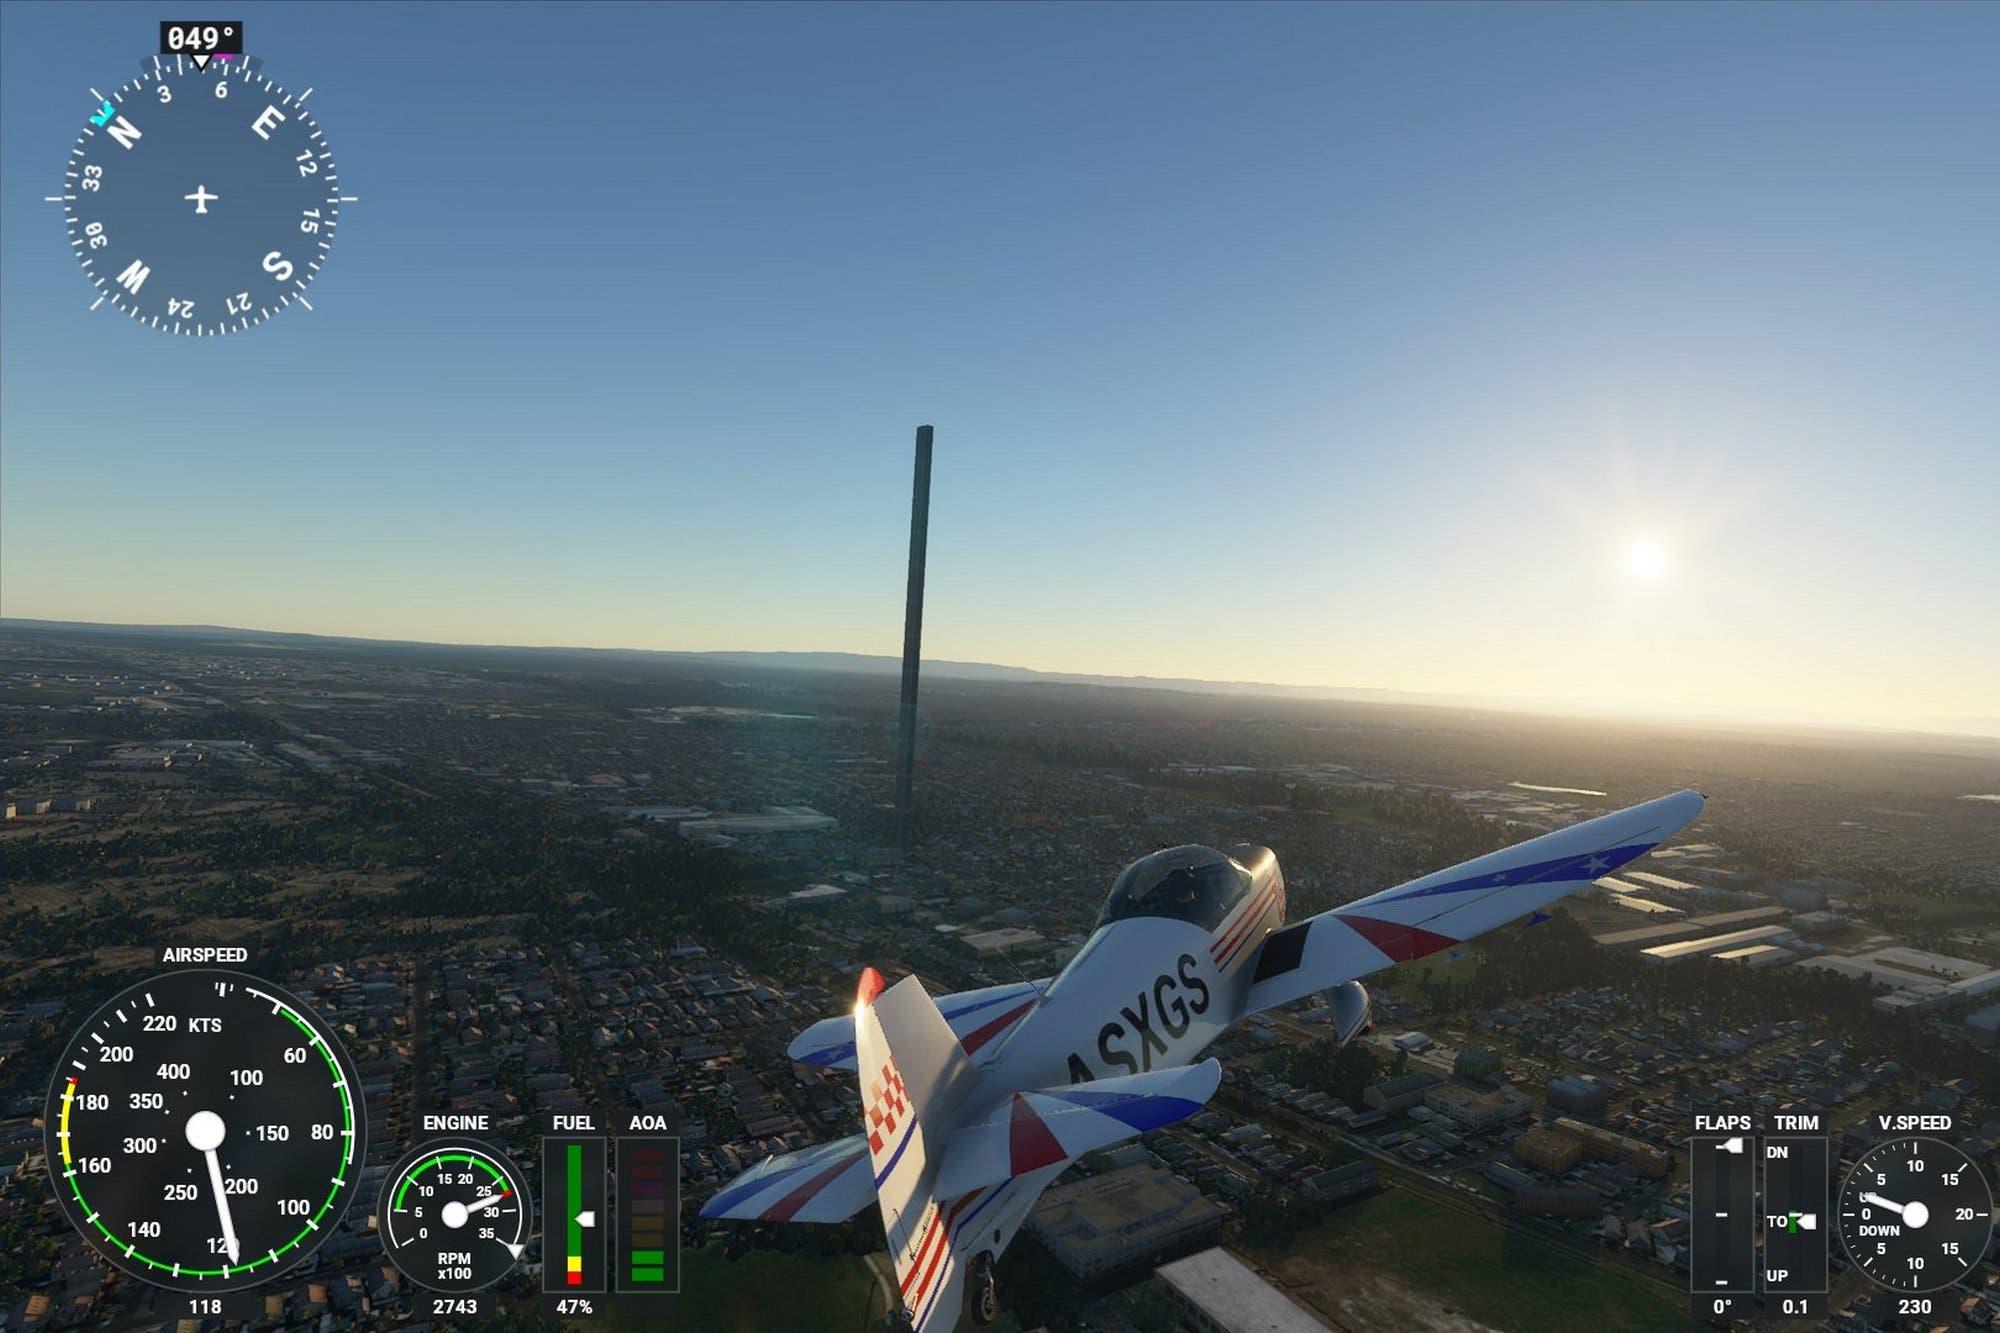 Por un error de tipeo, un rascacielos de 212 pisos apareció en el juego Flight Simulator de Microsoft